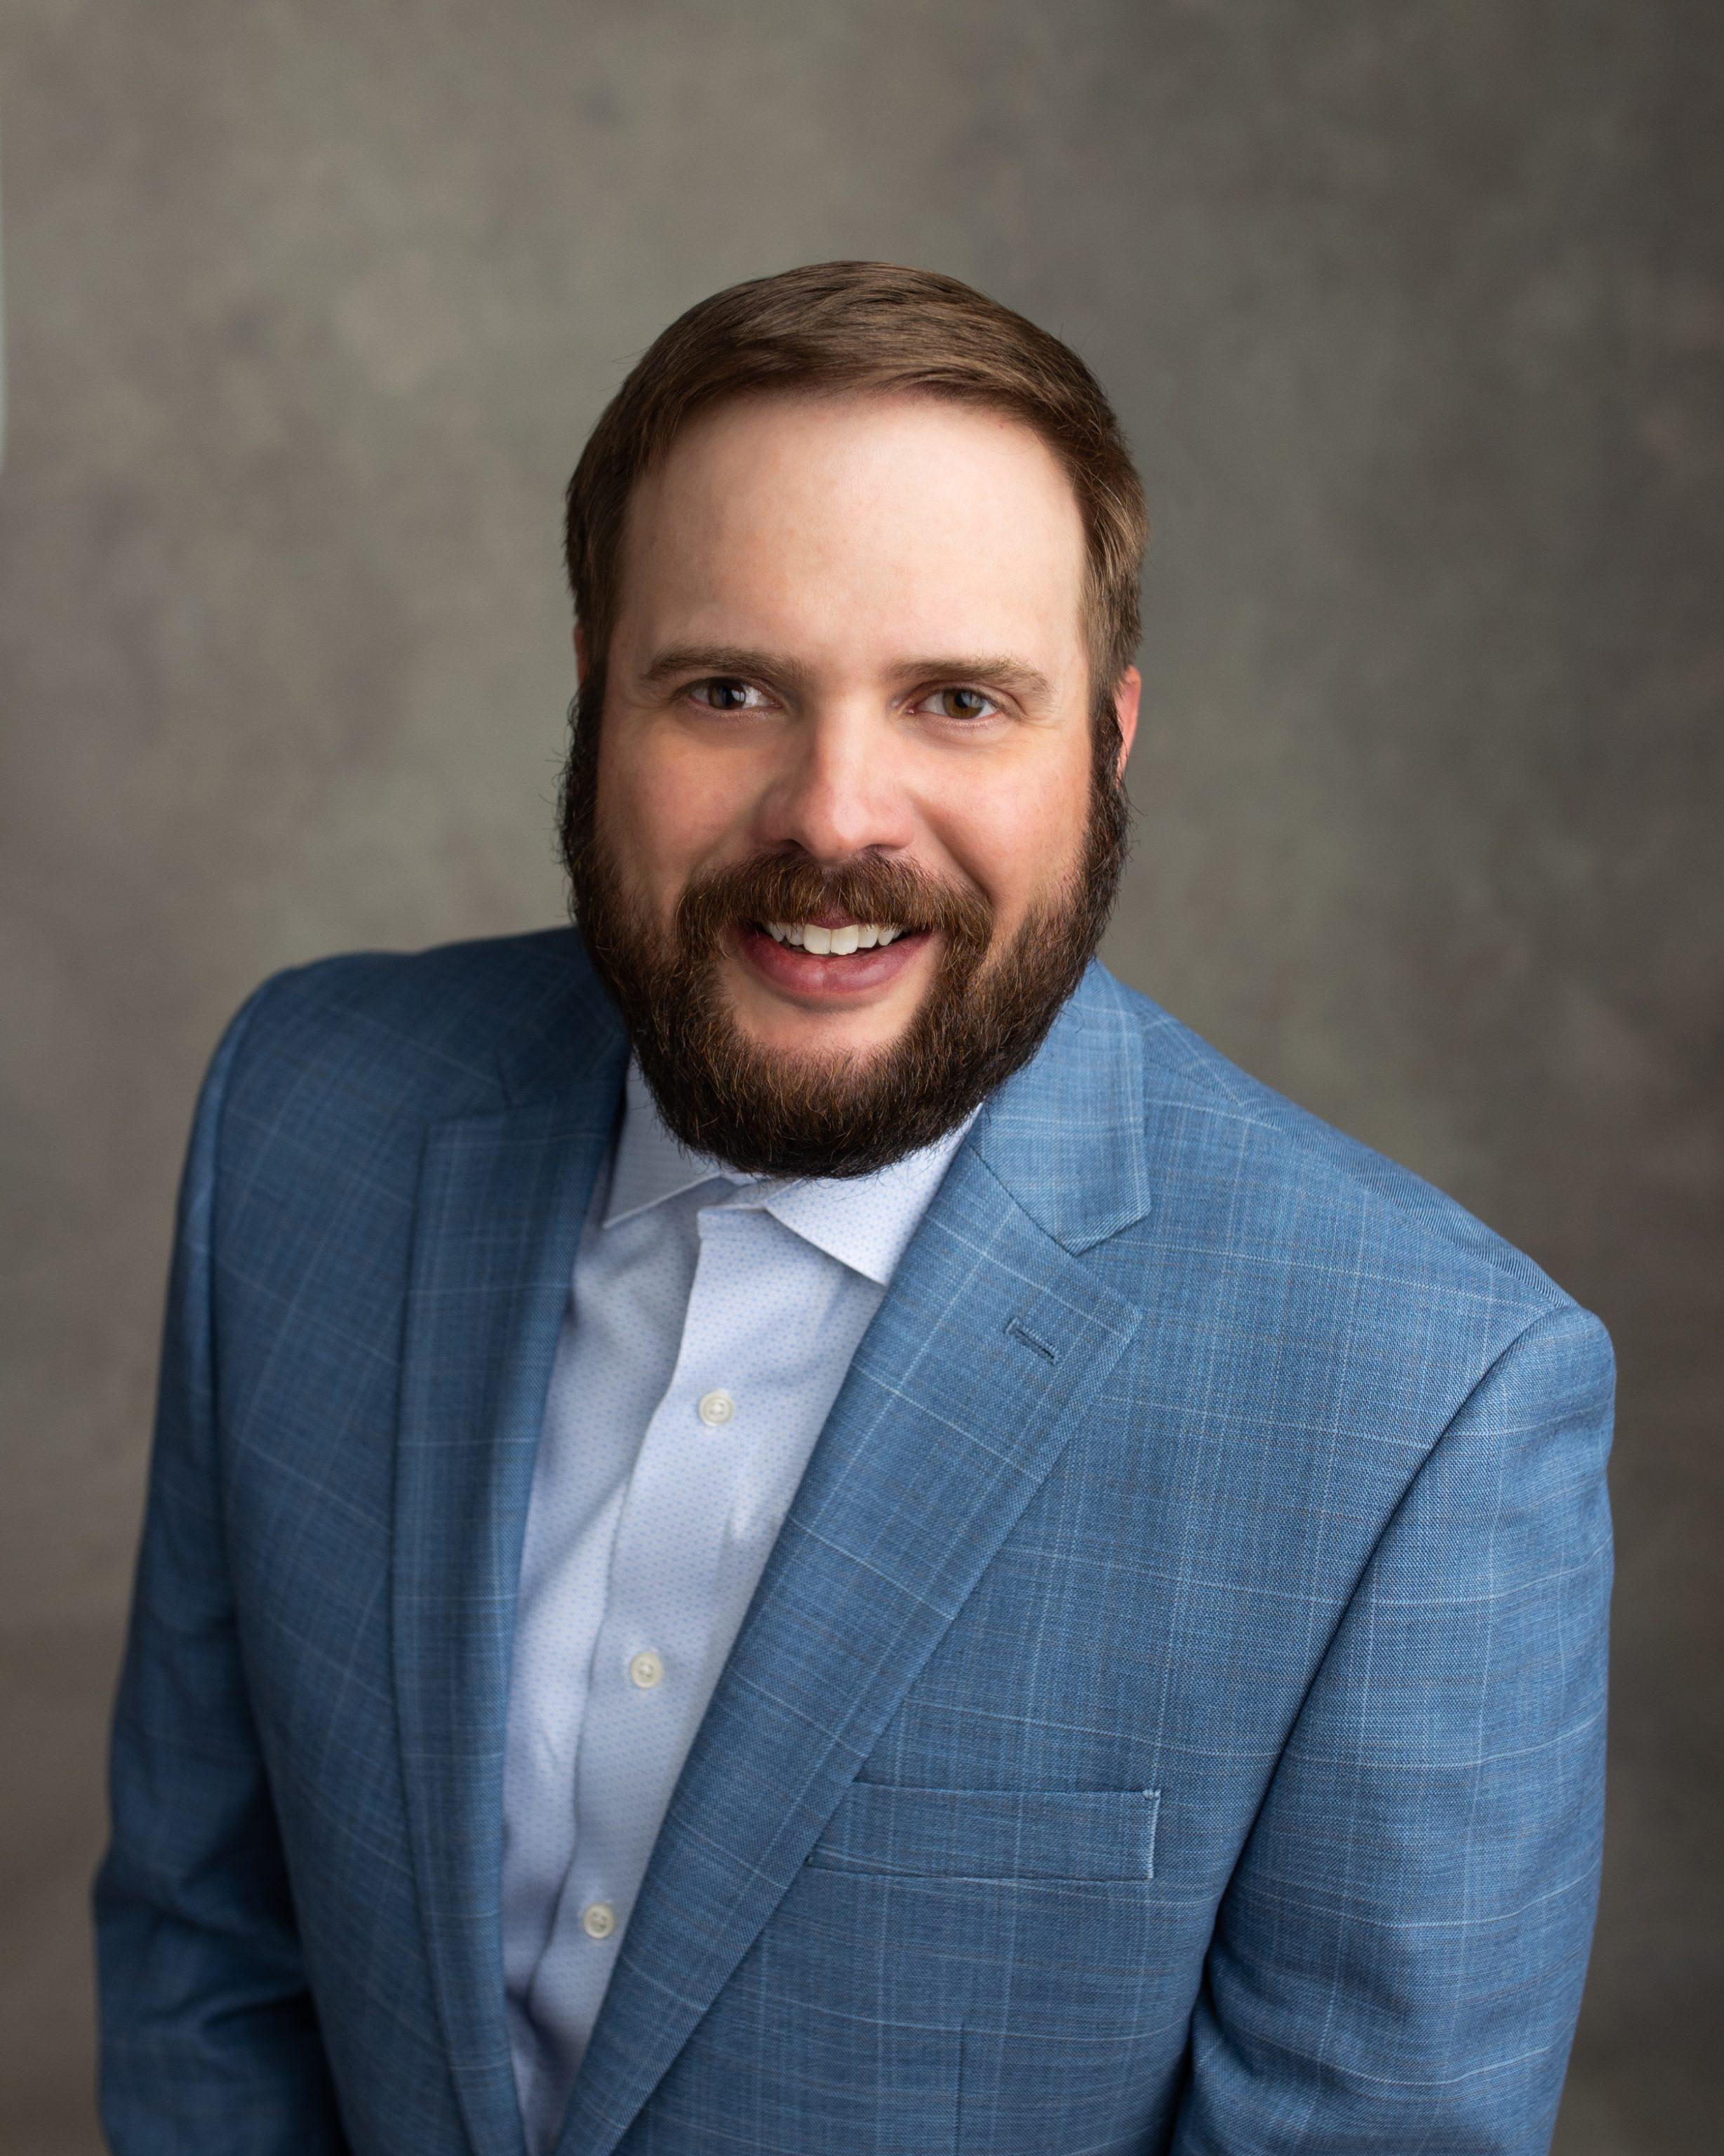 Cameron Ellison, HIS COHC : Owner